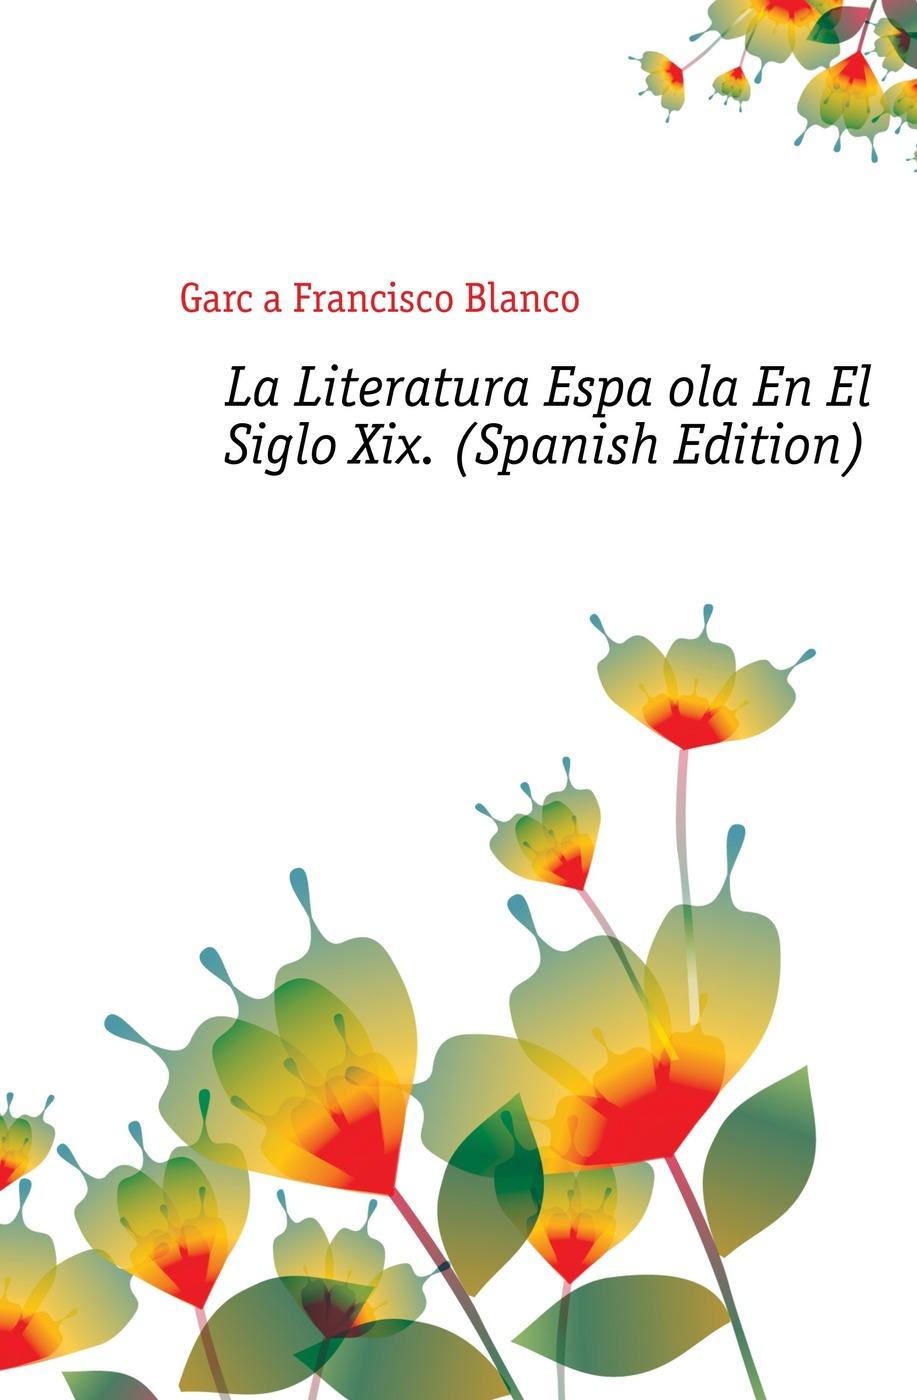 García Francisco Blanco La Literatura Espanola En El Siglo Xix. (Spanish Edition) francisco garcía gonzález proxima estacion el cielo tapa blanca